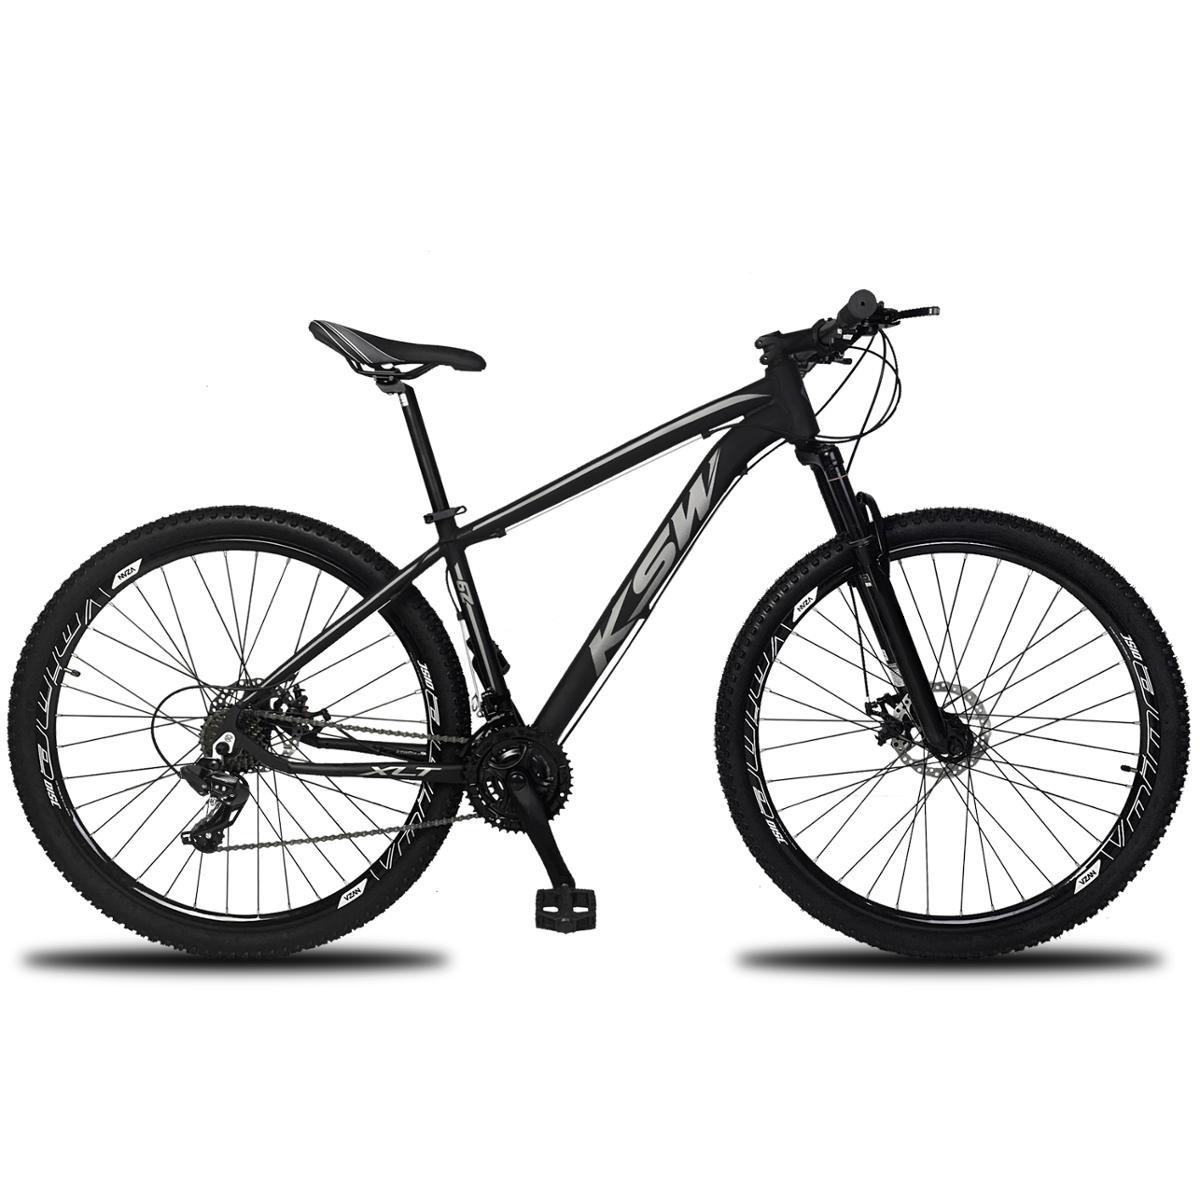 Bicicleta Ksw Xlt Tx-800 Disc M T19 Aro 29 Susp. Dianteira 24 Marchas - Preto